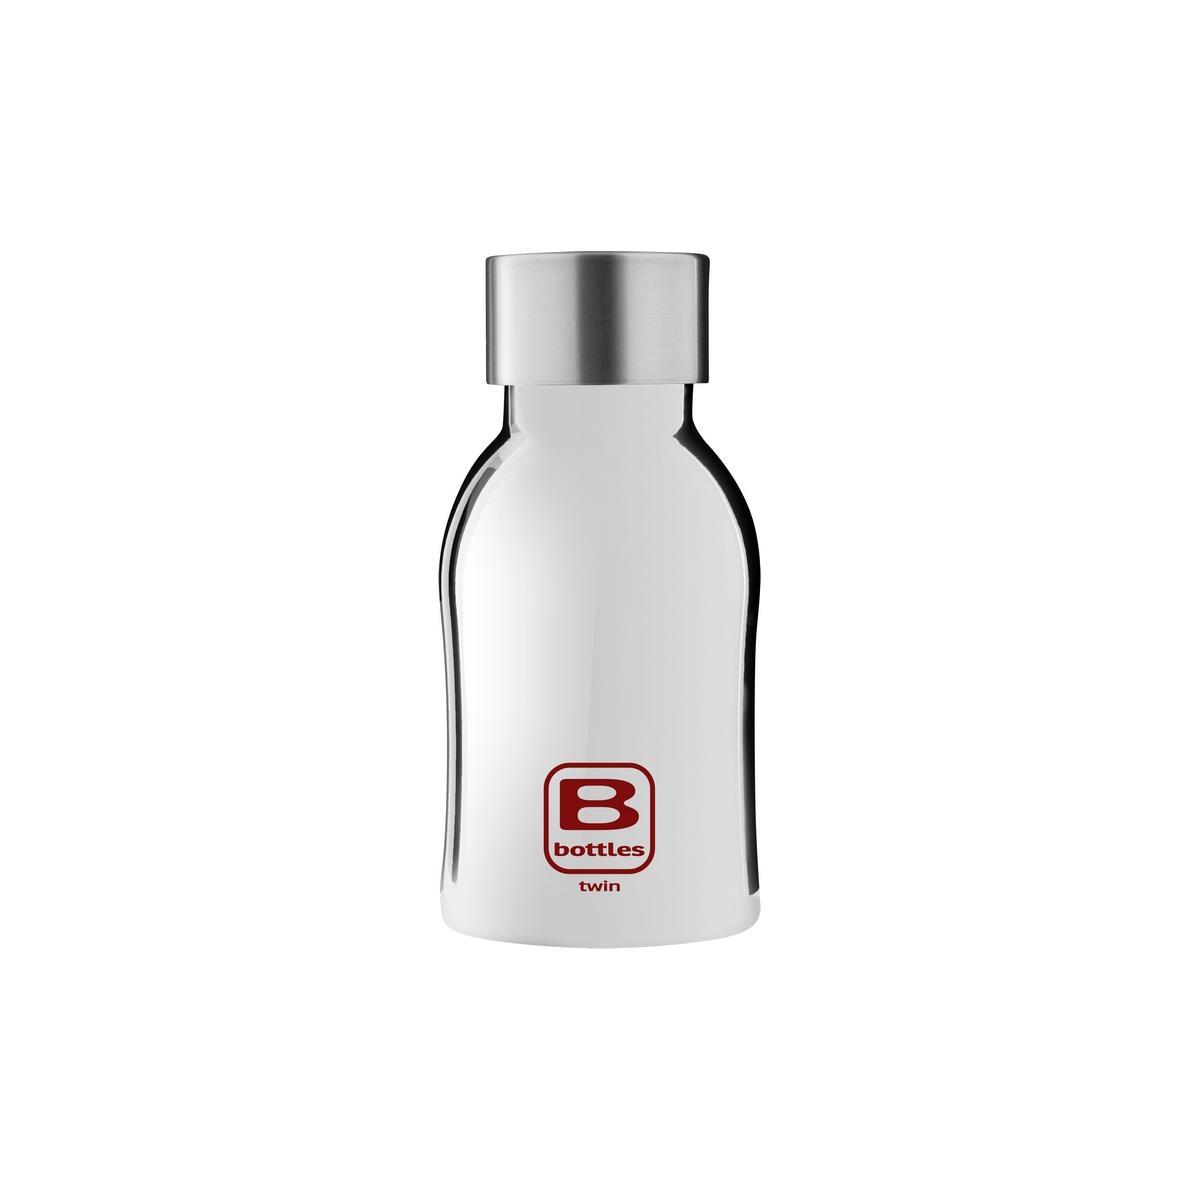 B Bottles Twin - Silver Lux - 250 ml - Bottiglia Termica a doppia parete in acciaio inox 18/10